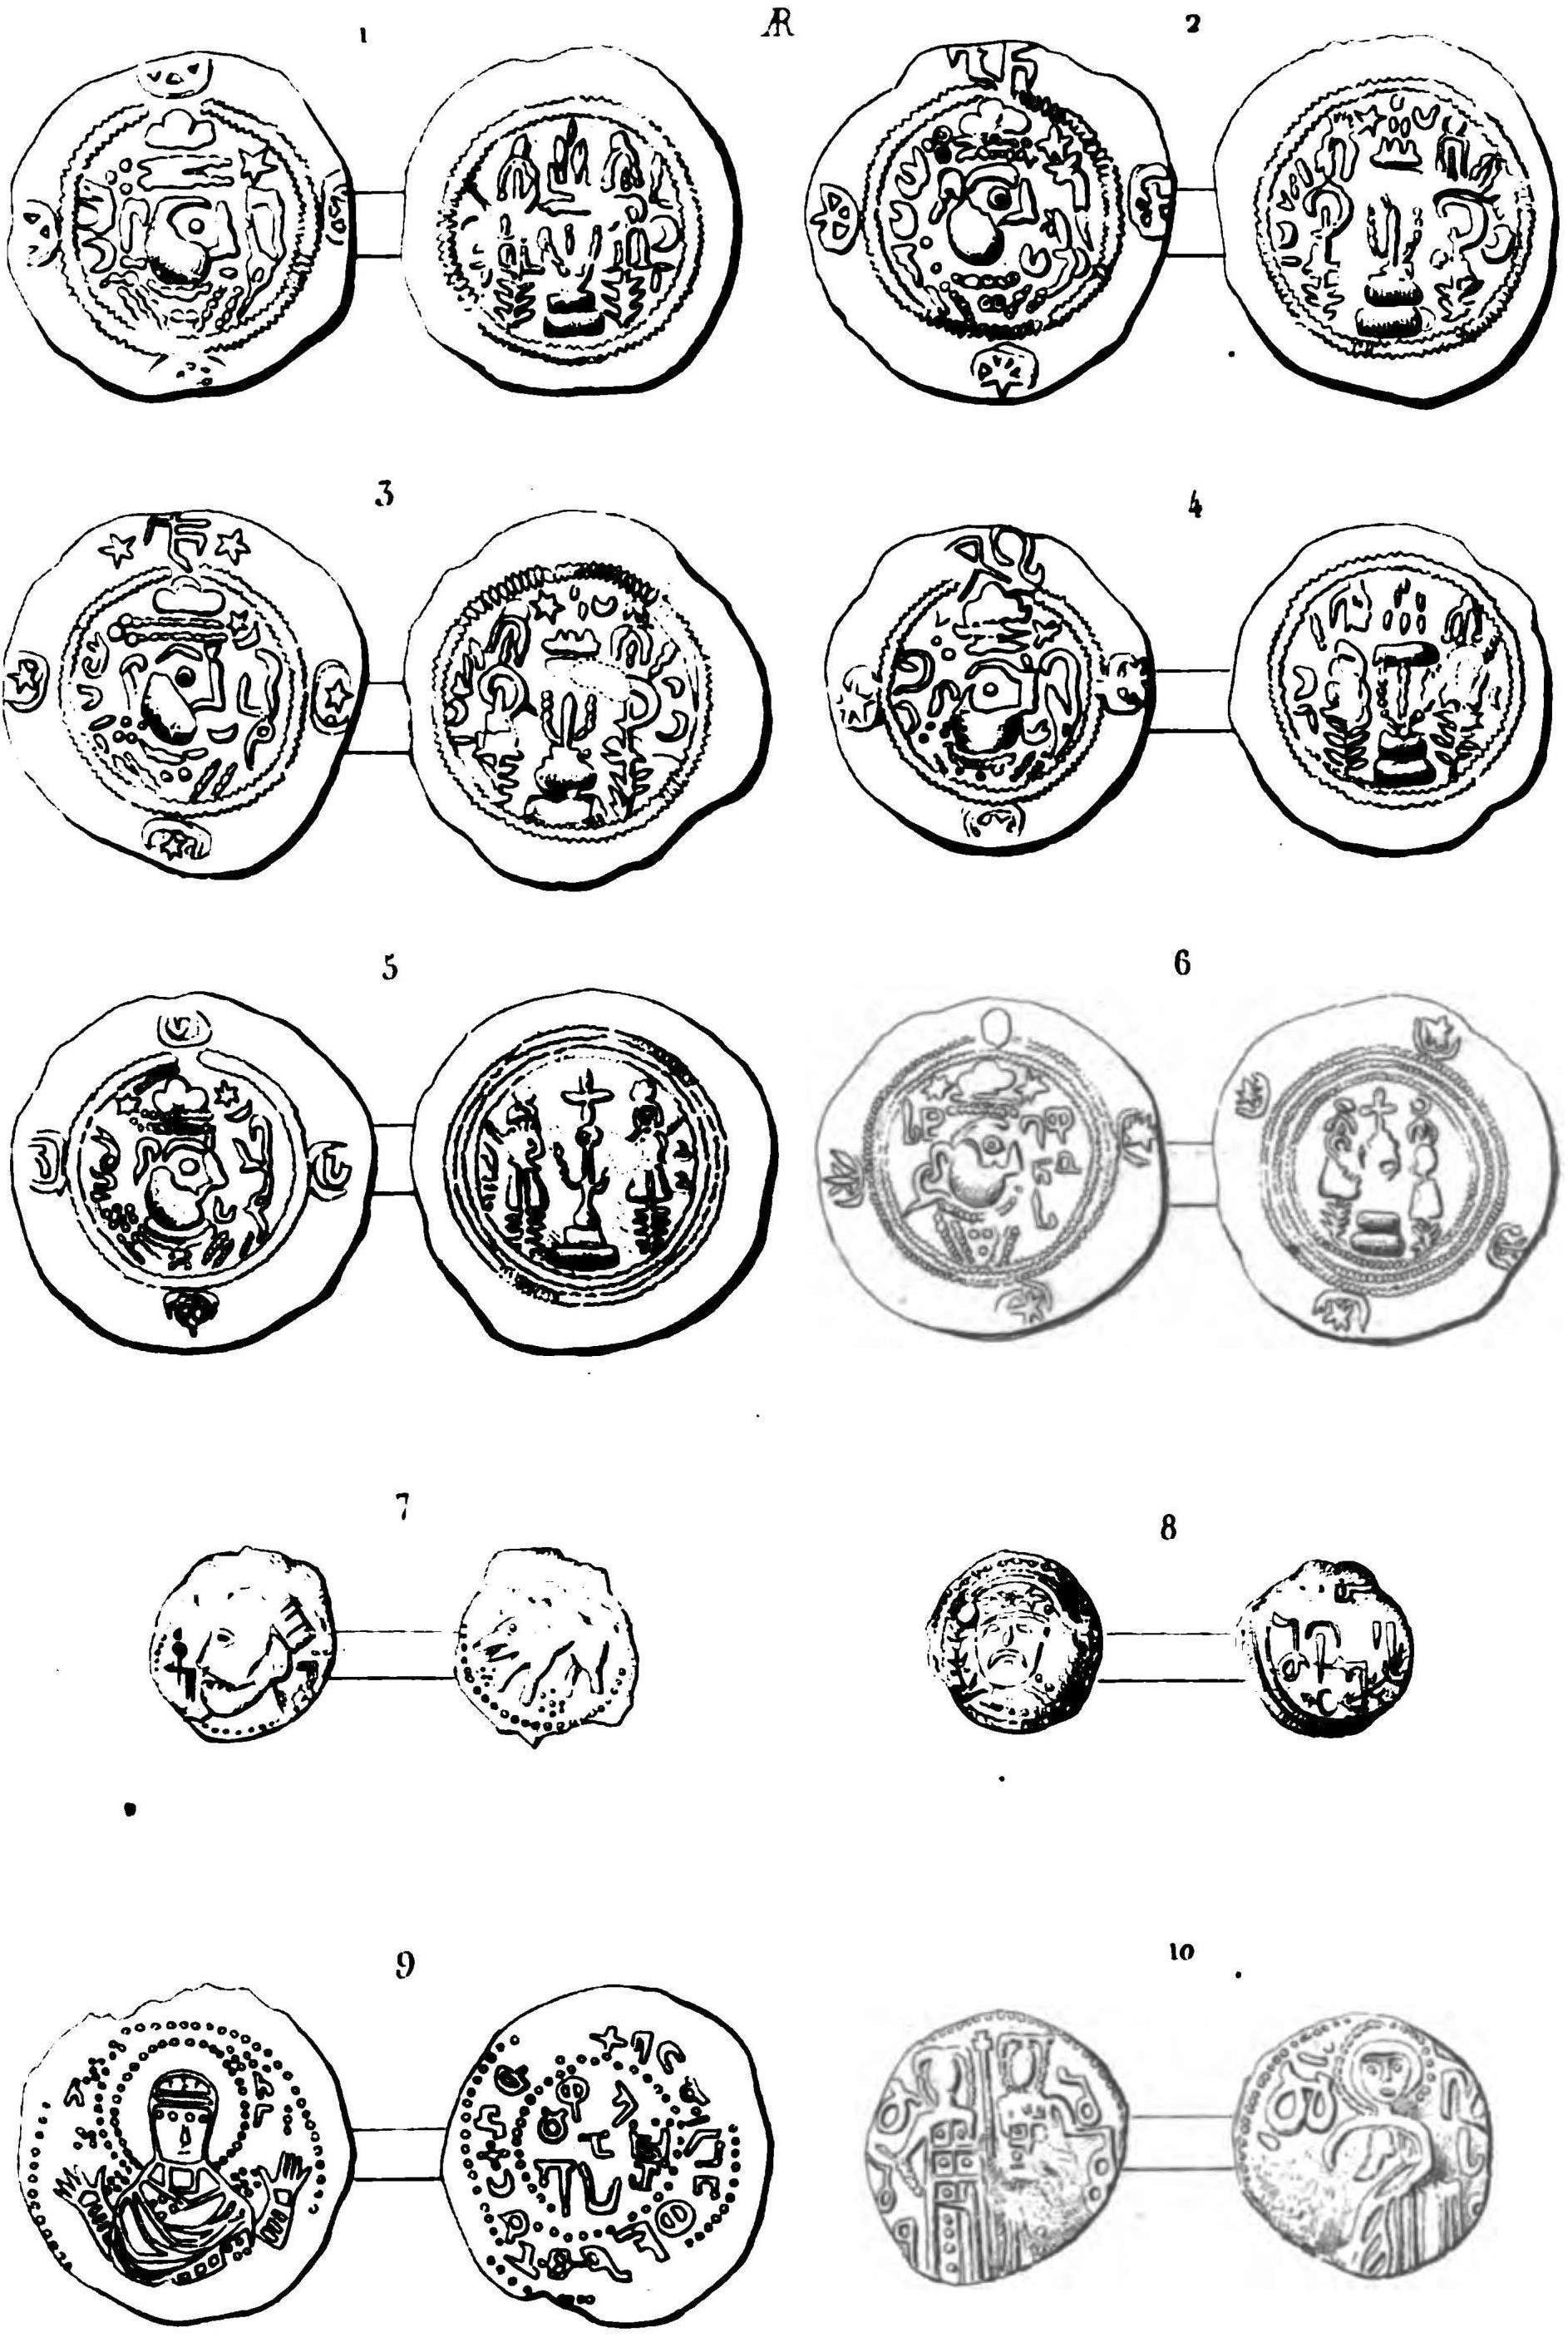 datant des monnaies médiévales 19 ans mec datant 16